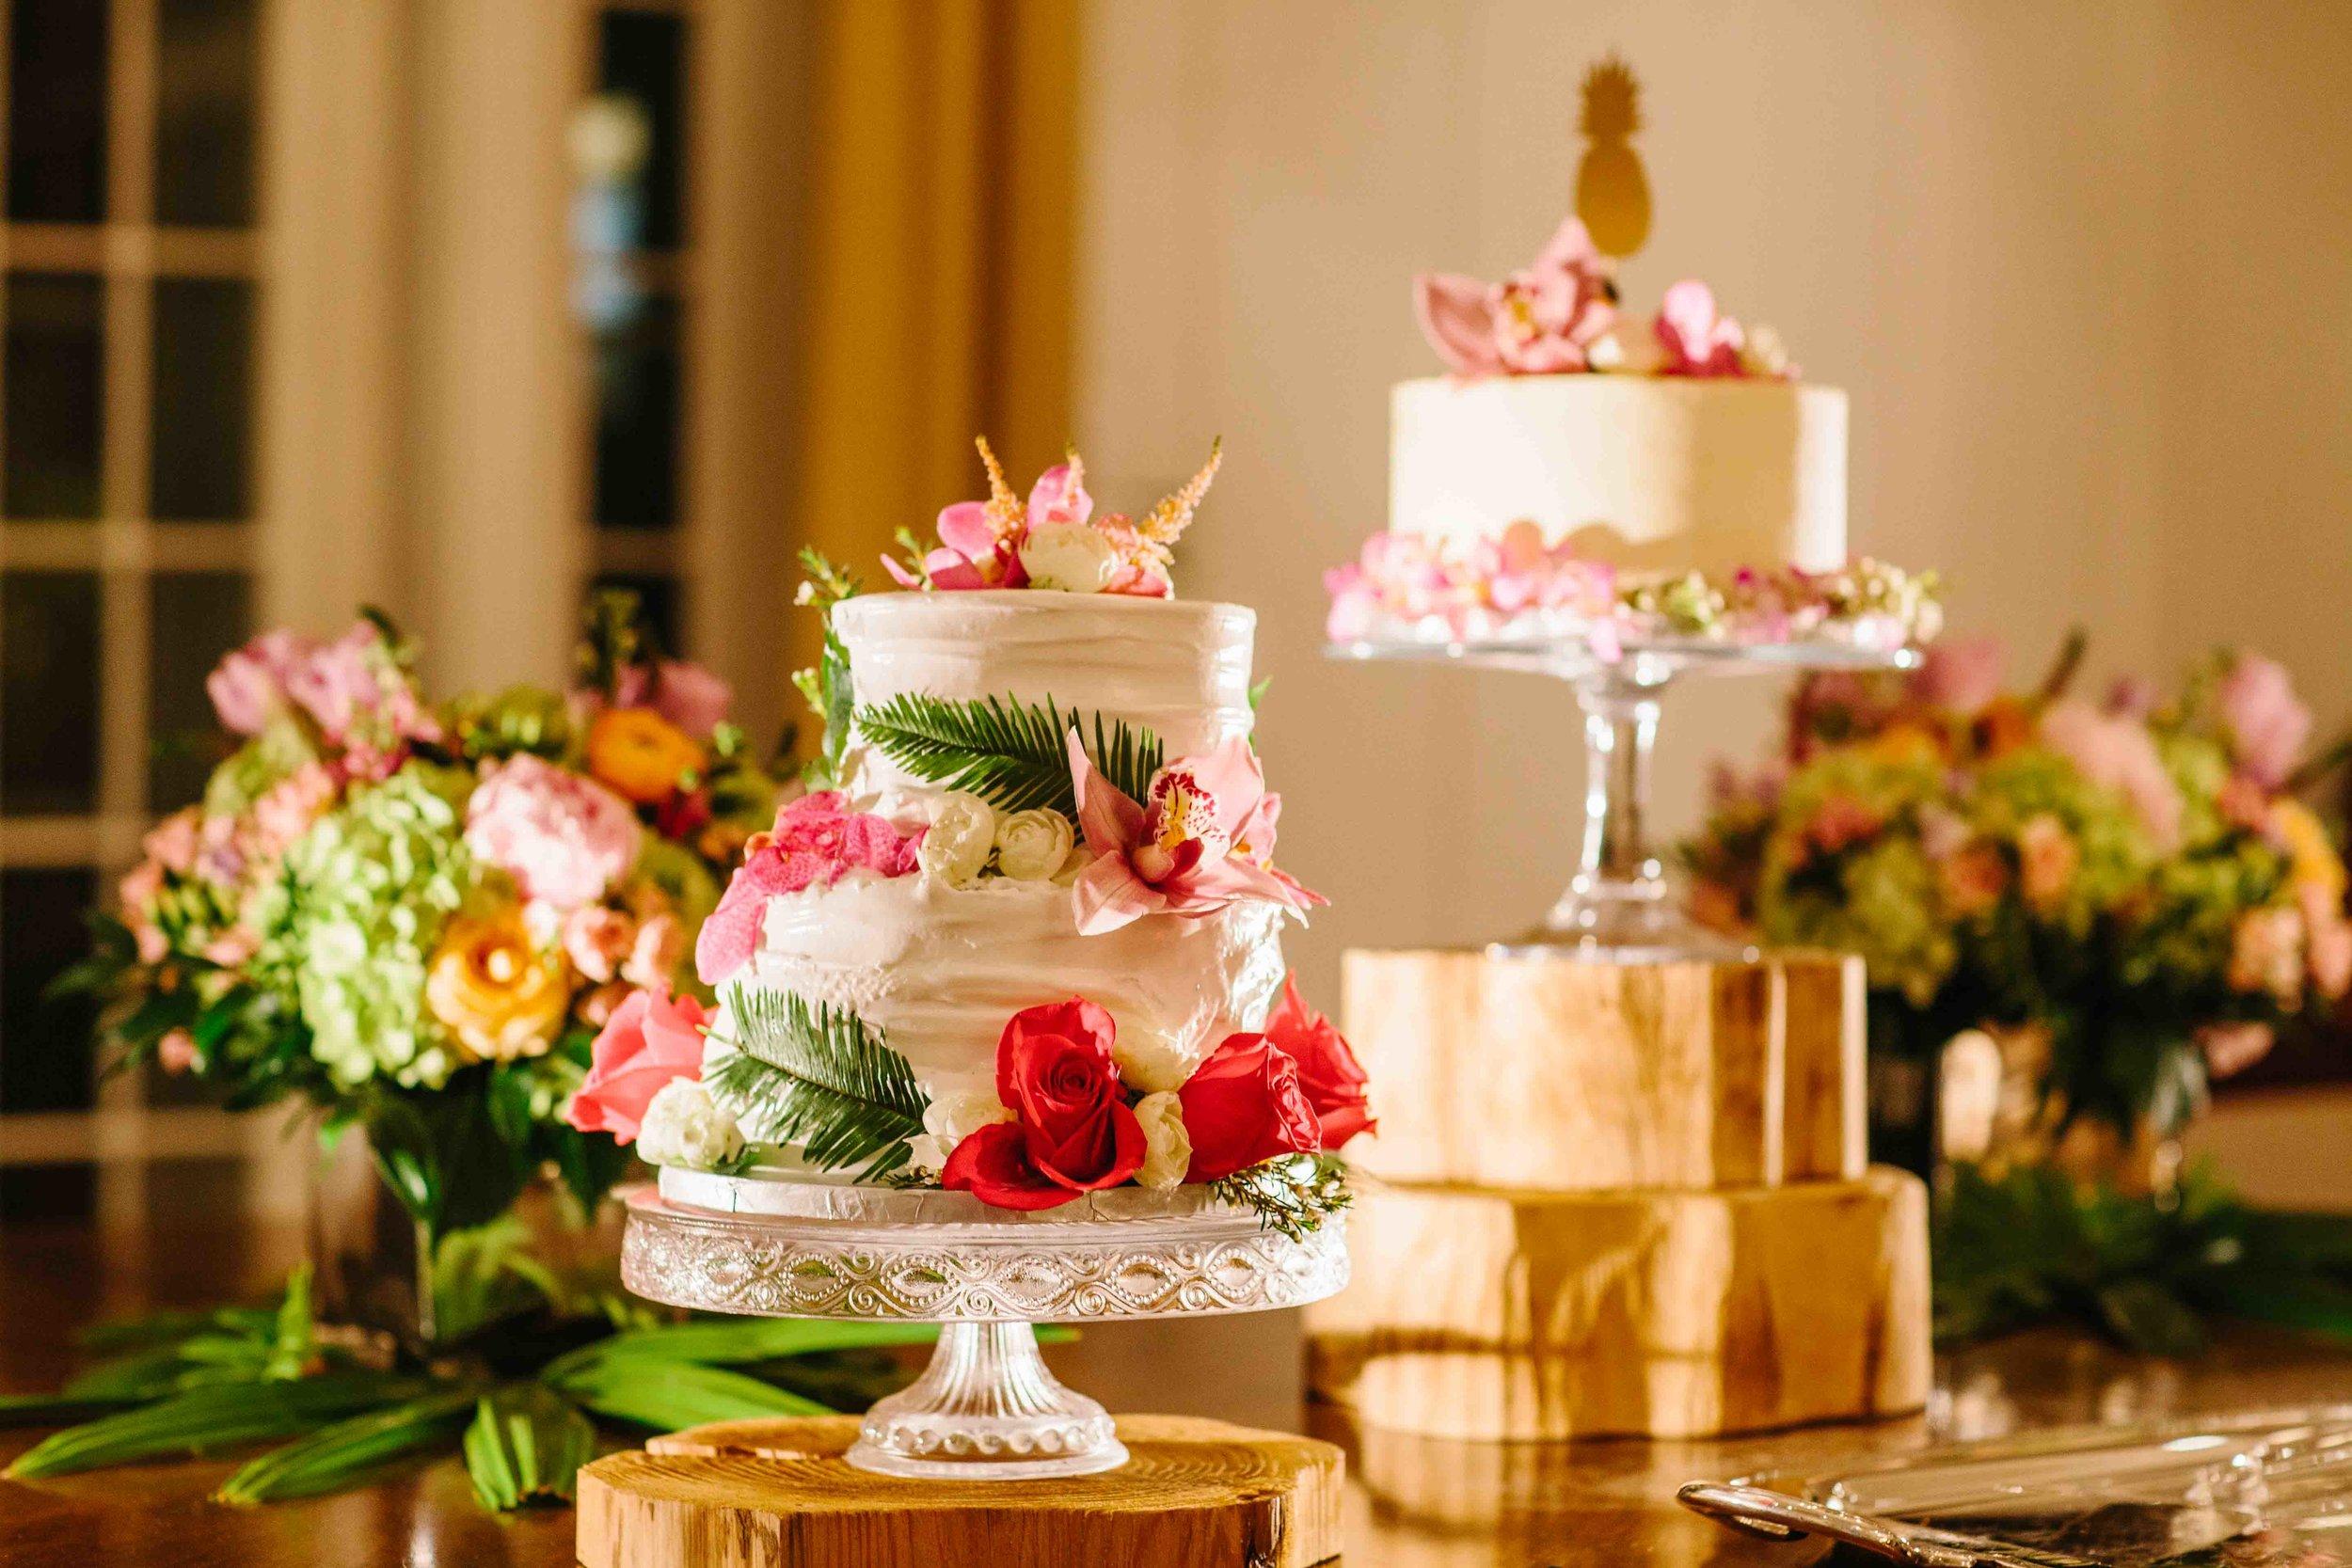 Delicious Fancy Wedding Cakes